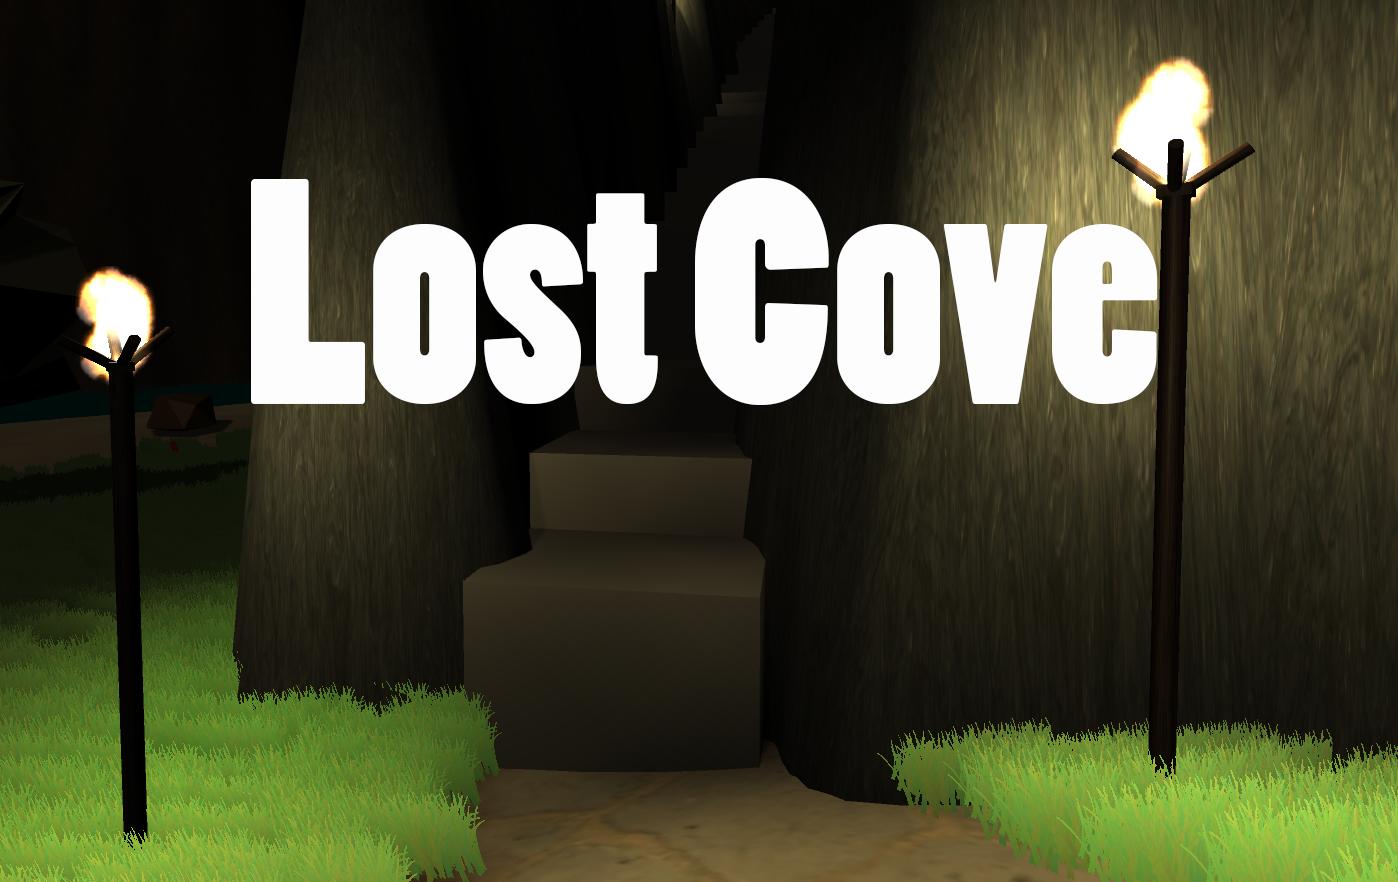 Lost cove